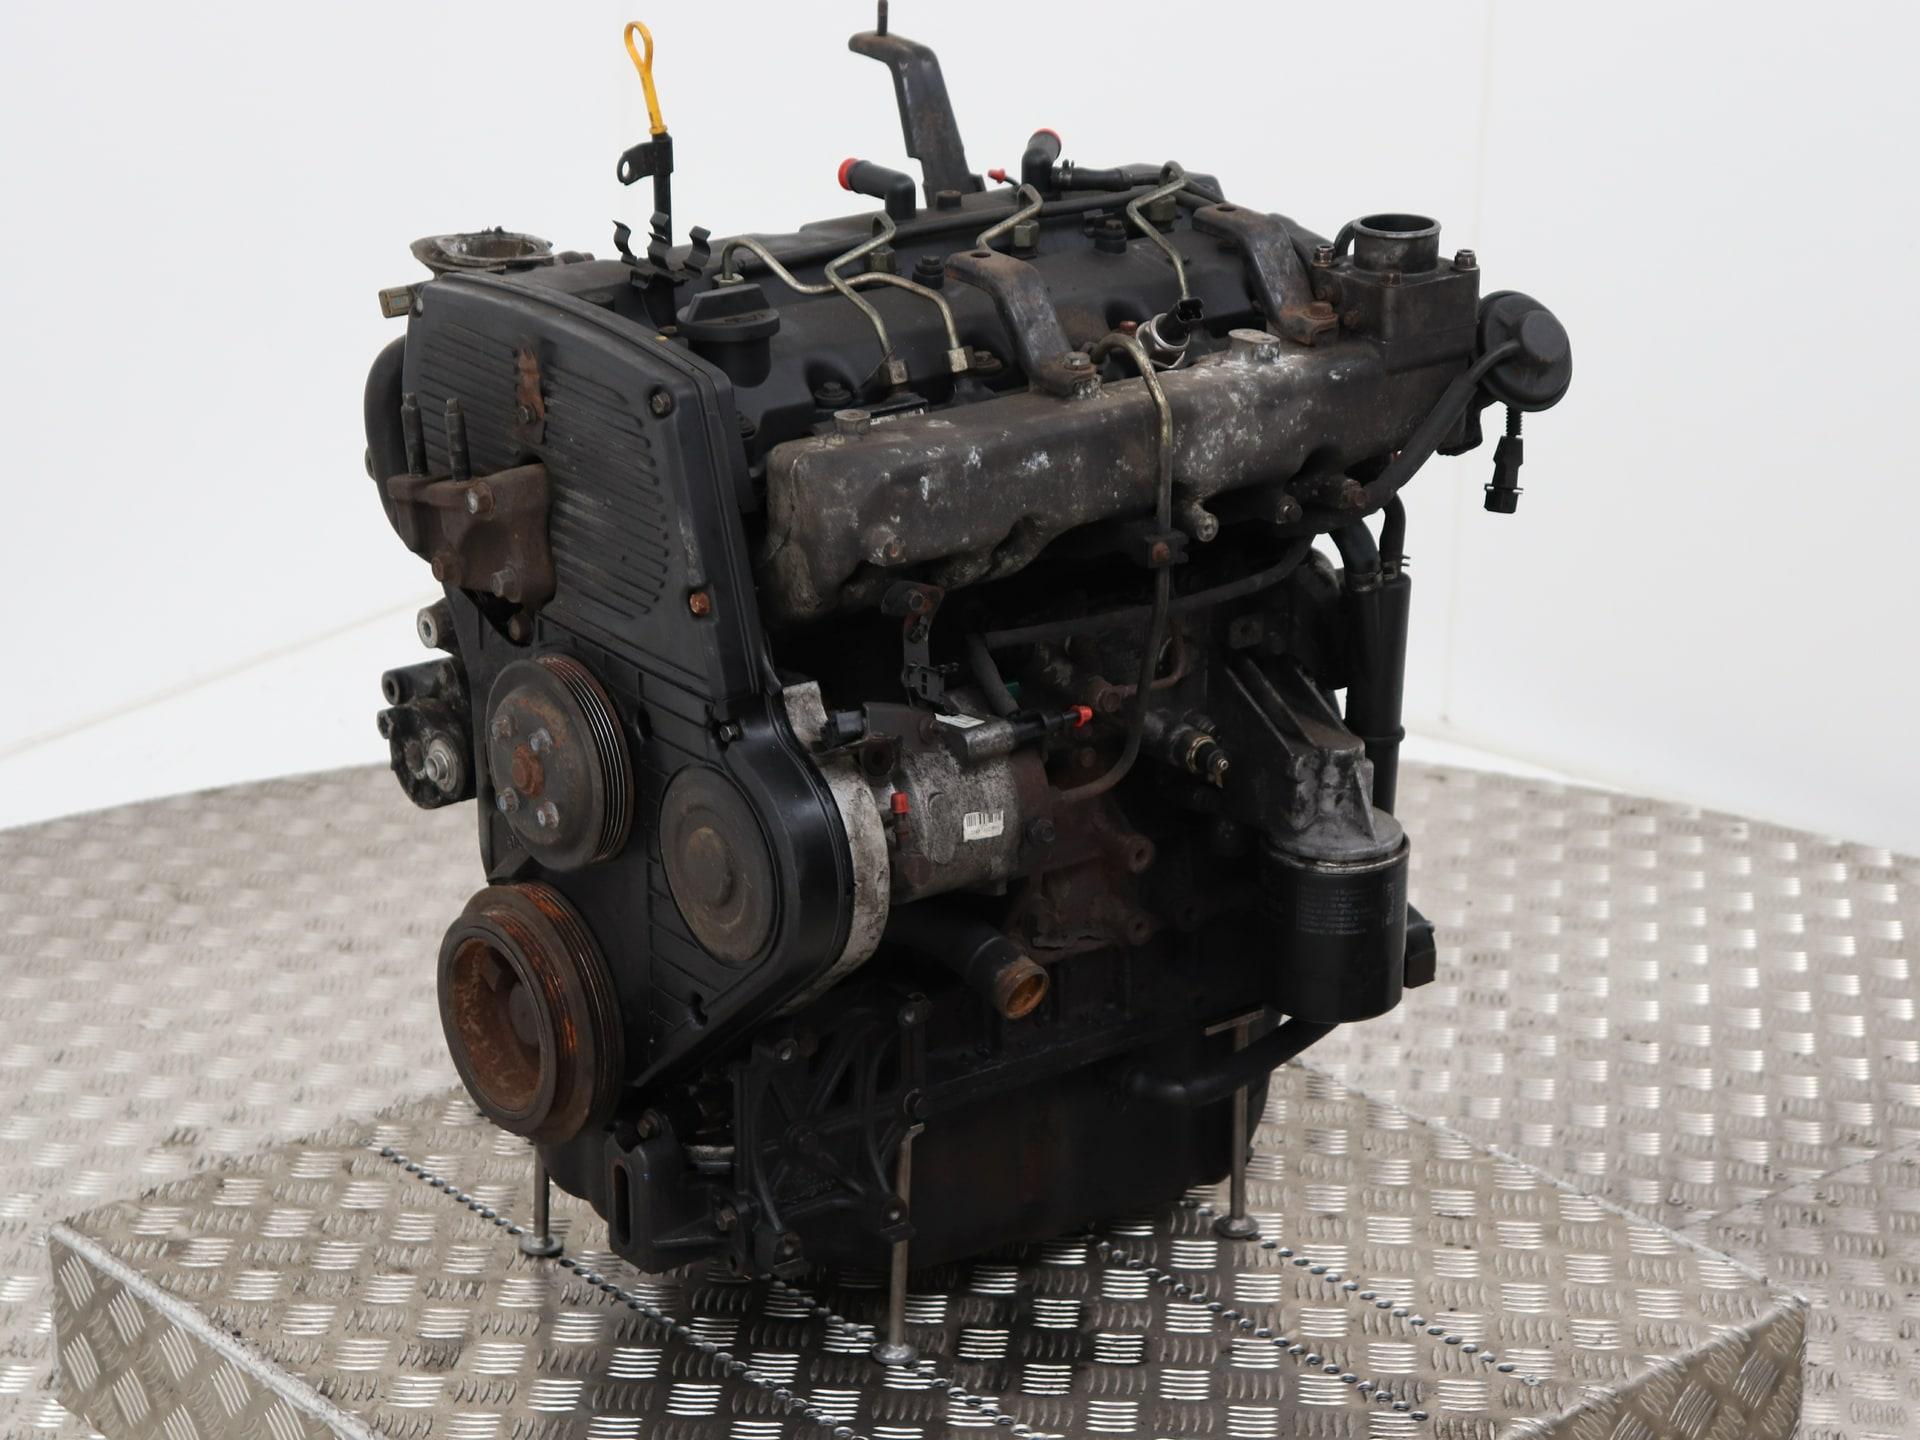 Gebruikte Kia Carnival  Sedona Ii  Fib  Fld  2 9 Hpdi 16v Motor - K0aj302200 J3